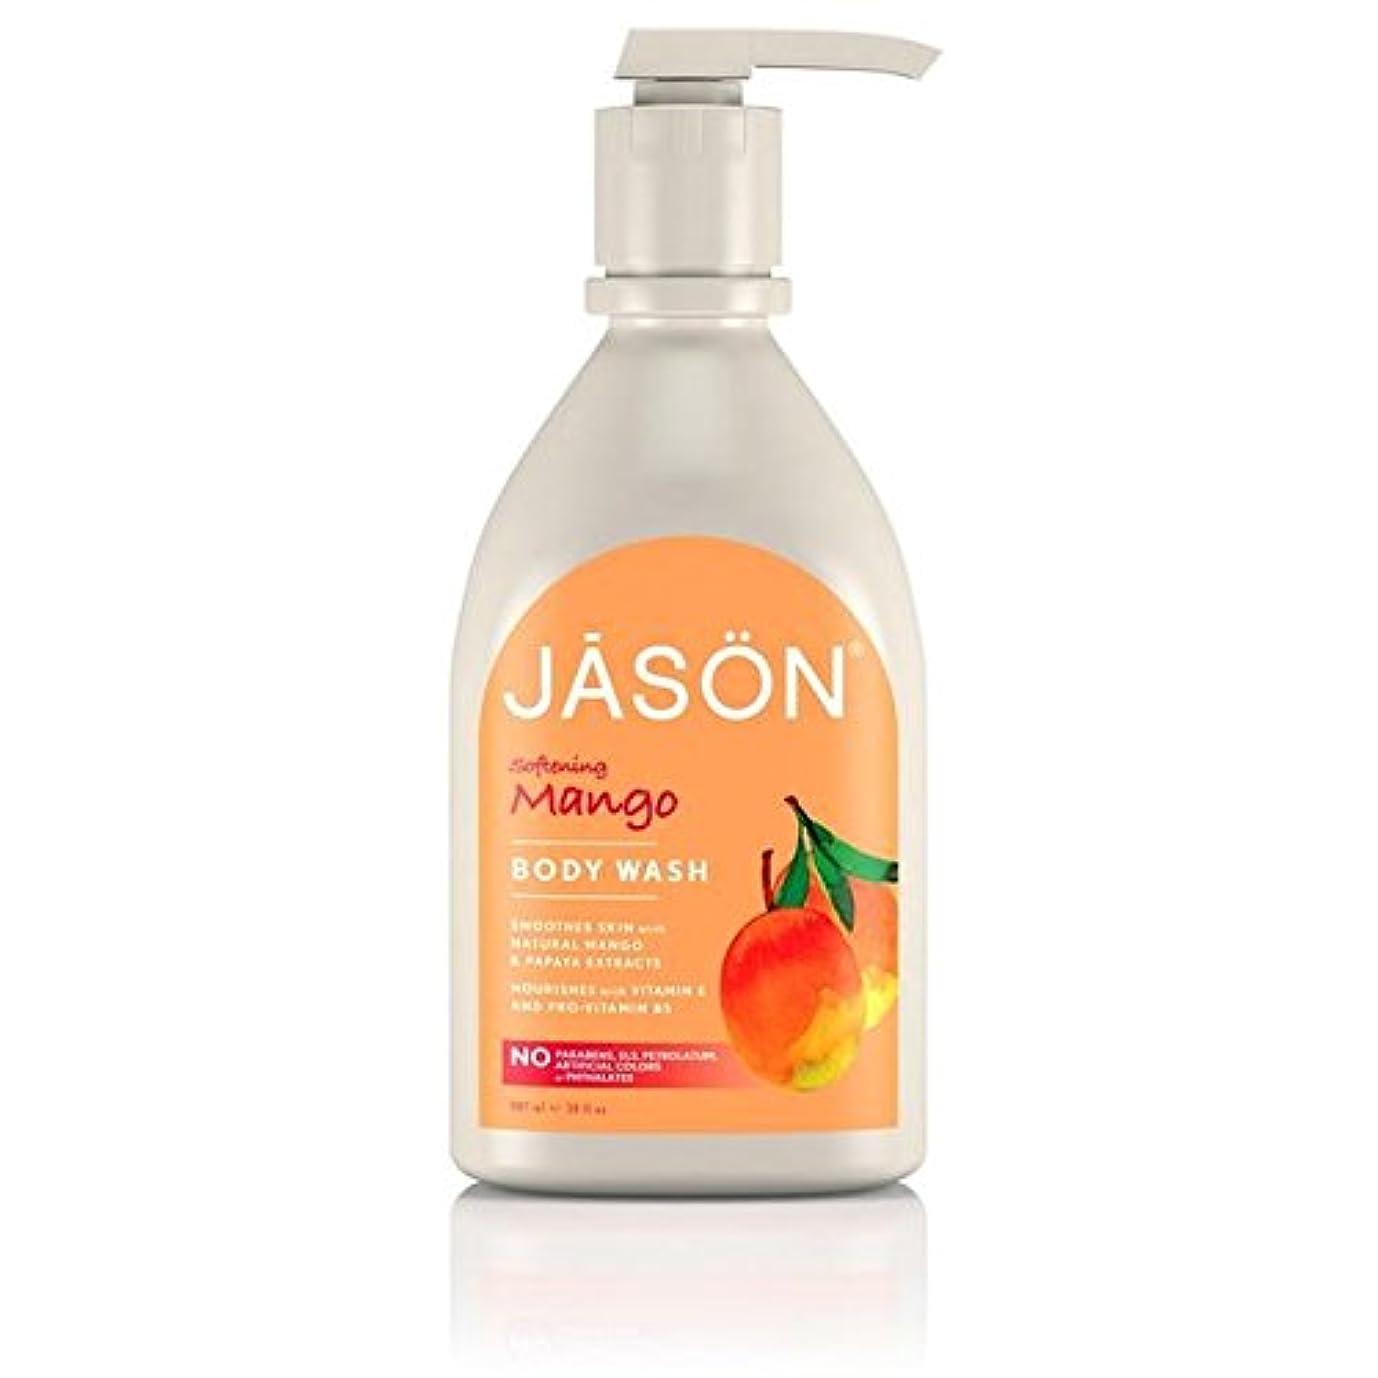 市の中心部生息地下着Jason Mango Satin Body Wash Pump 900ml (Pack of 6) - ジェイソン?マンゴーサテンボディウォッシュポンプ900ミリリットル x6 [並行輸入品]